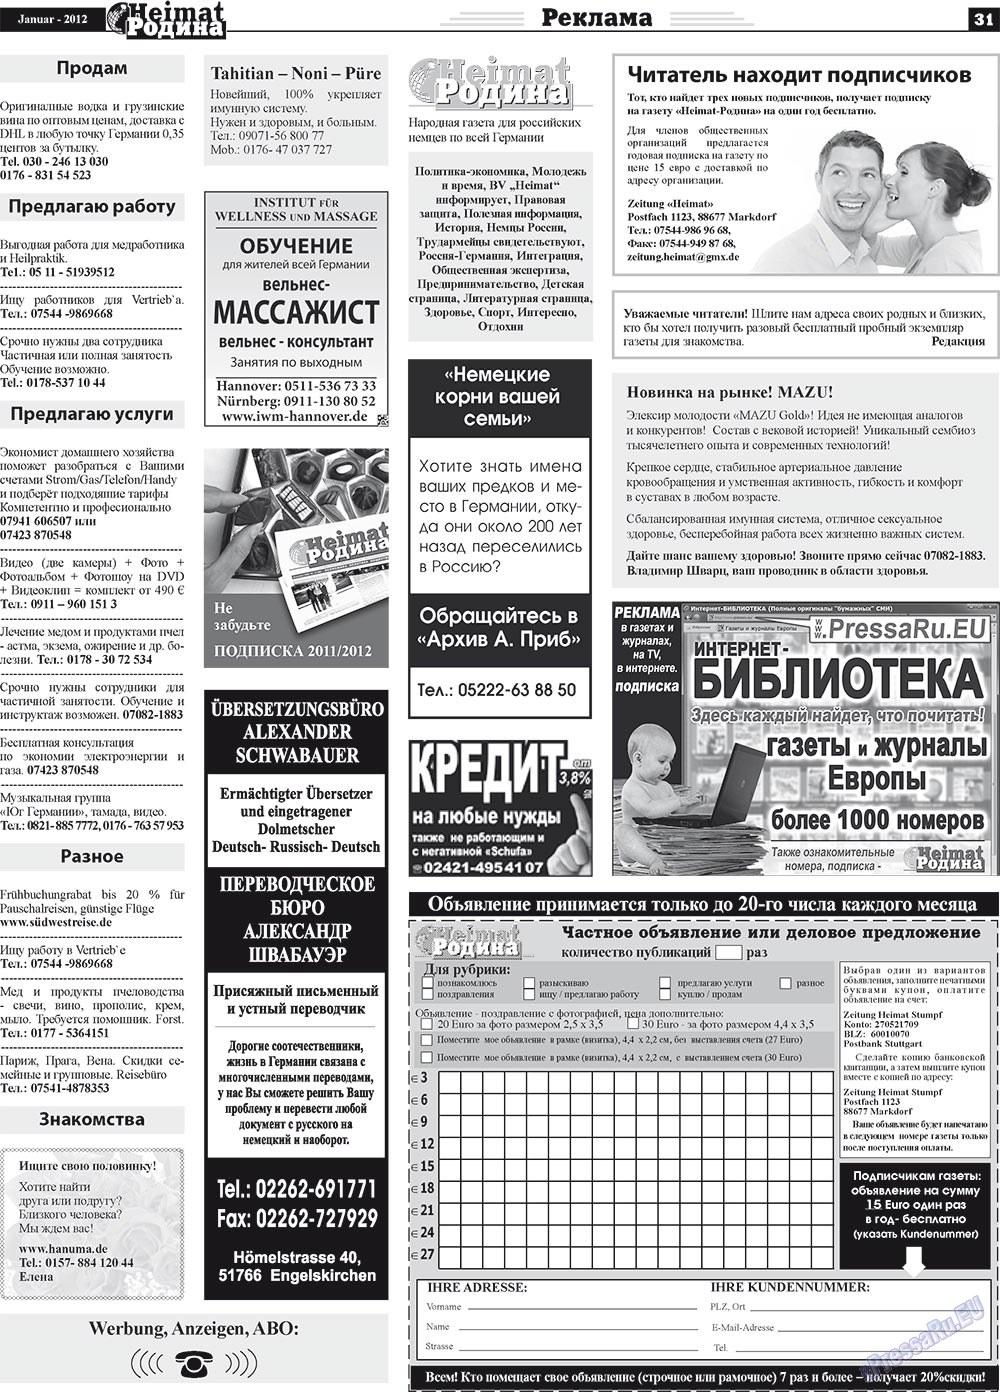 Объявления О Знакомстве Я Газета